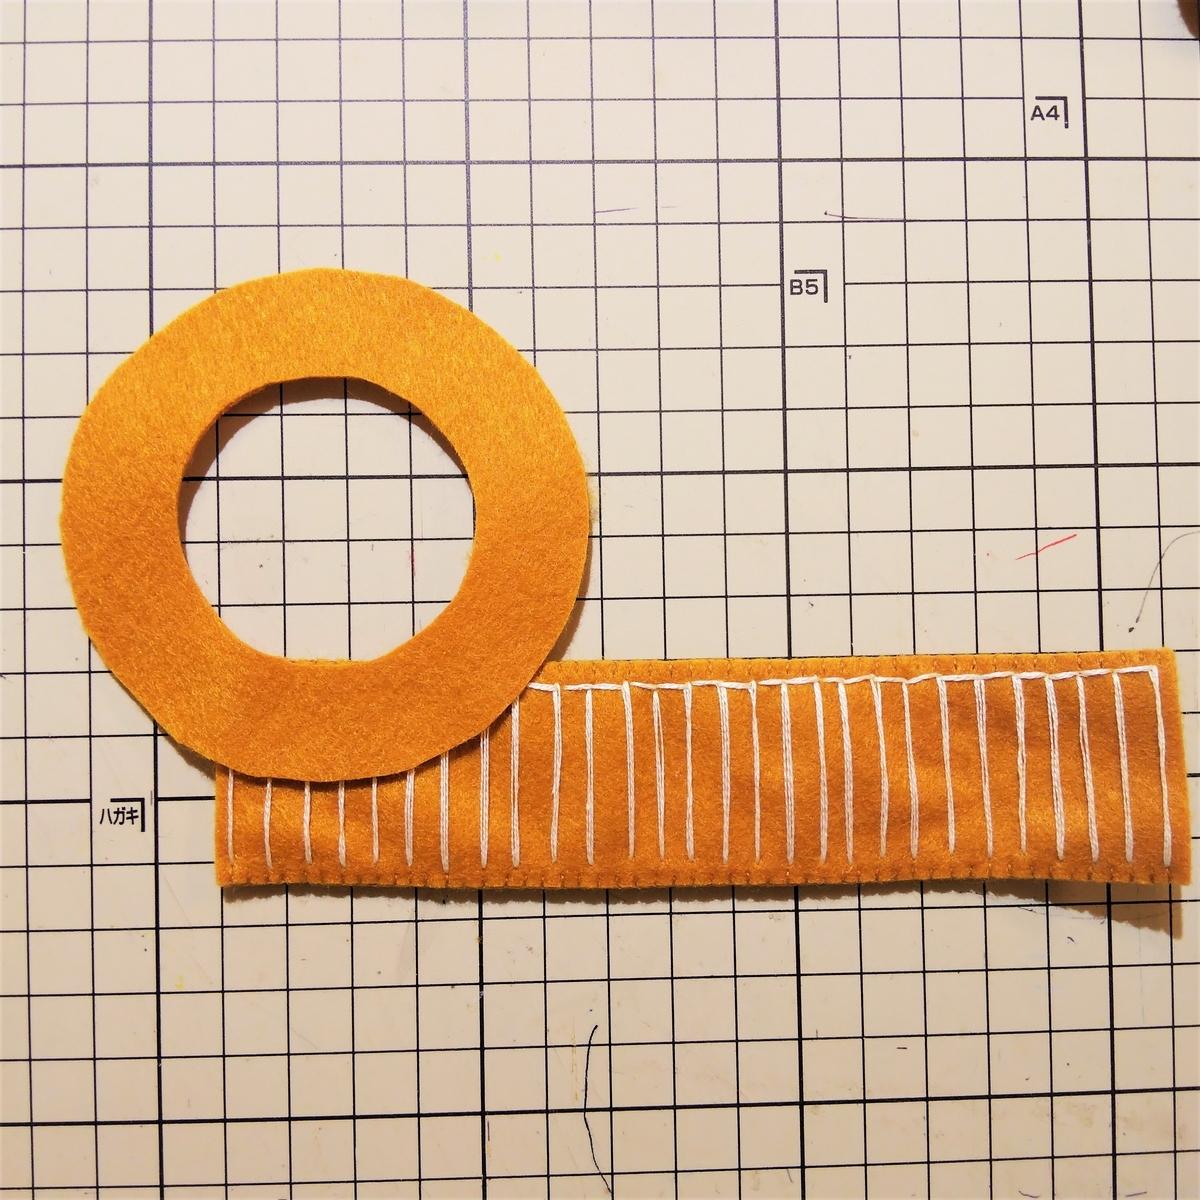 フェルトのマフィンの作り方⑥ パーツ②と縫い合わせる